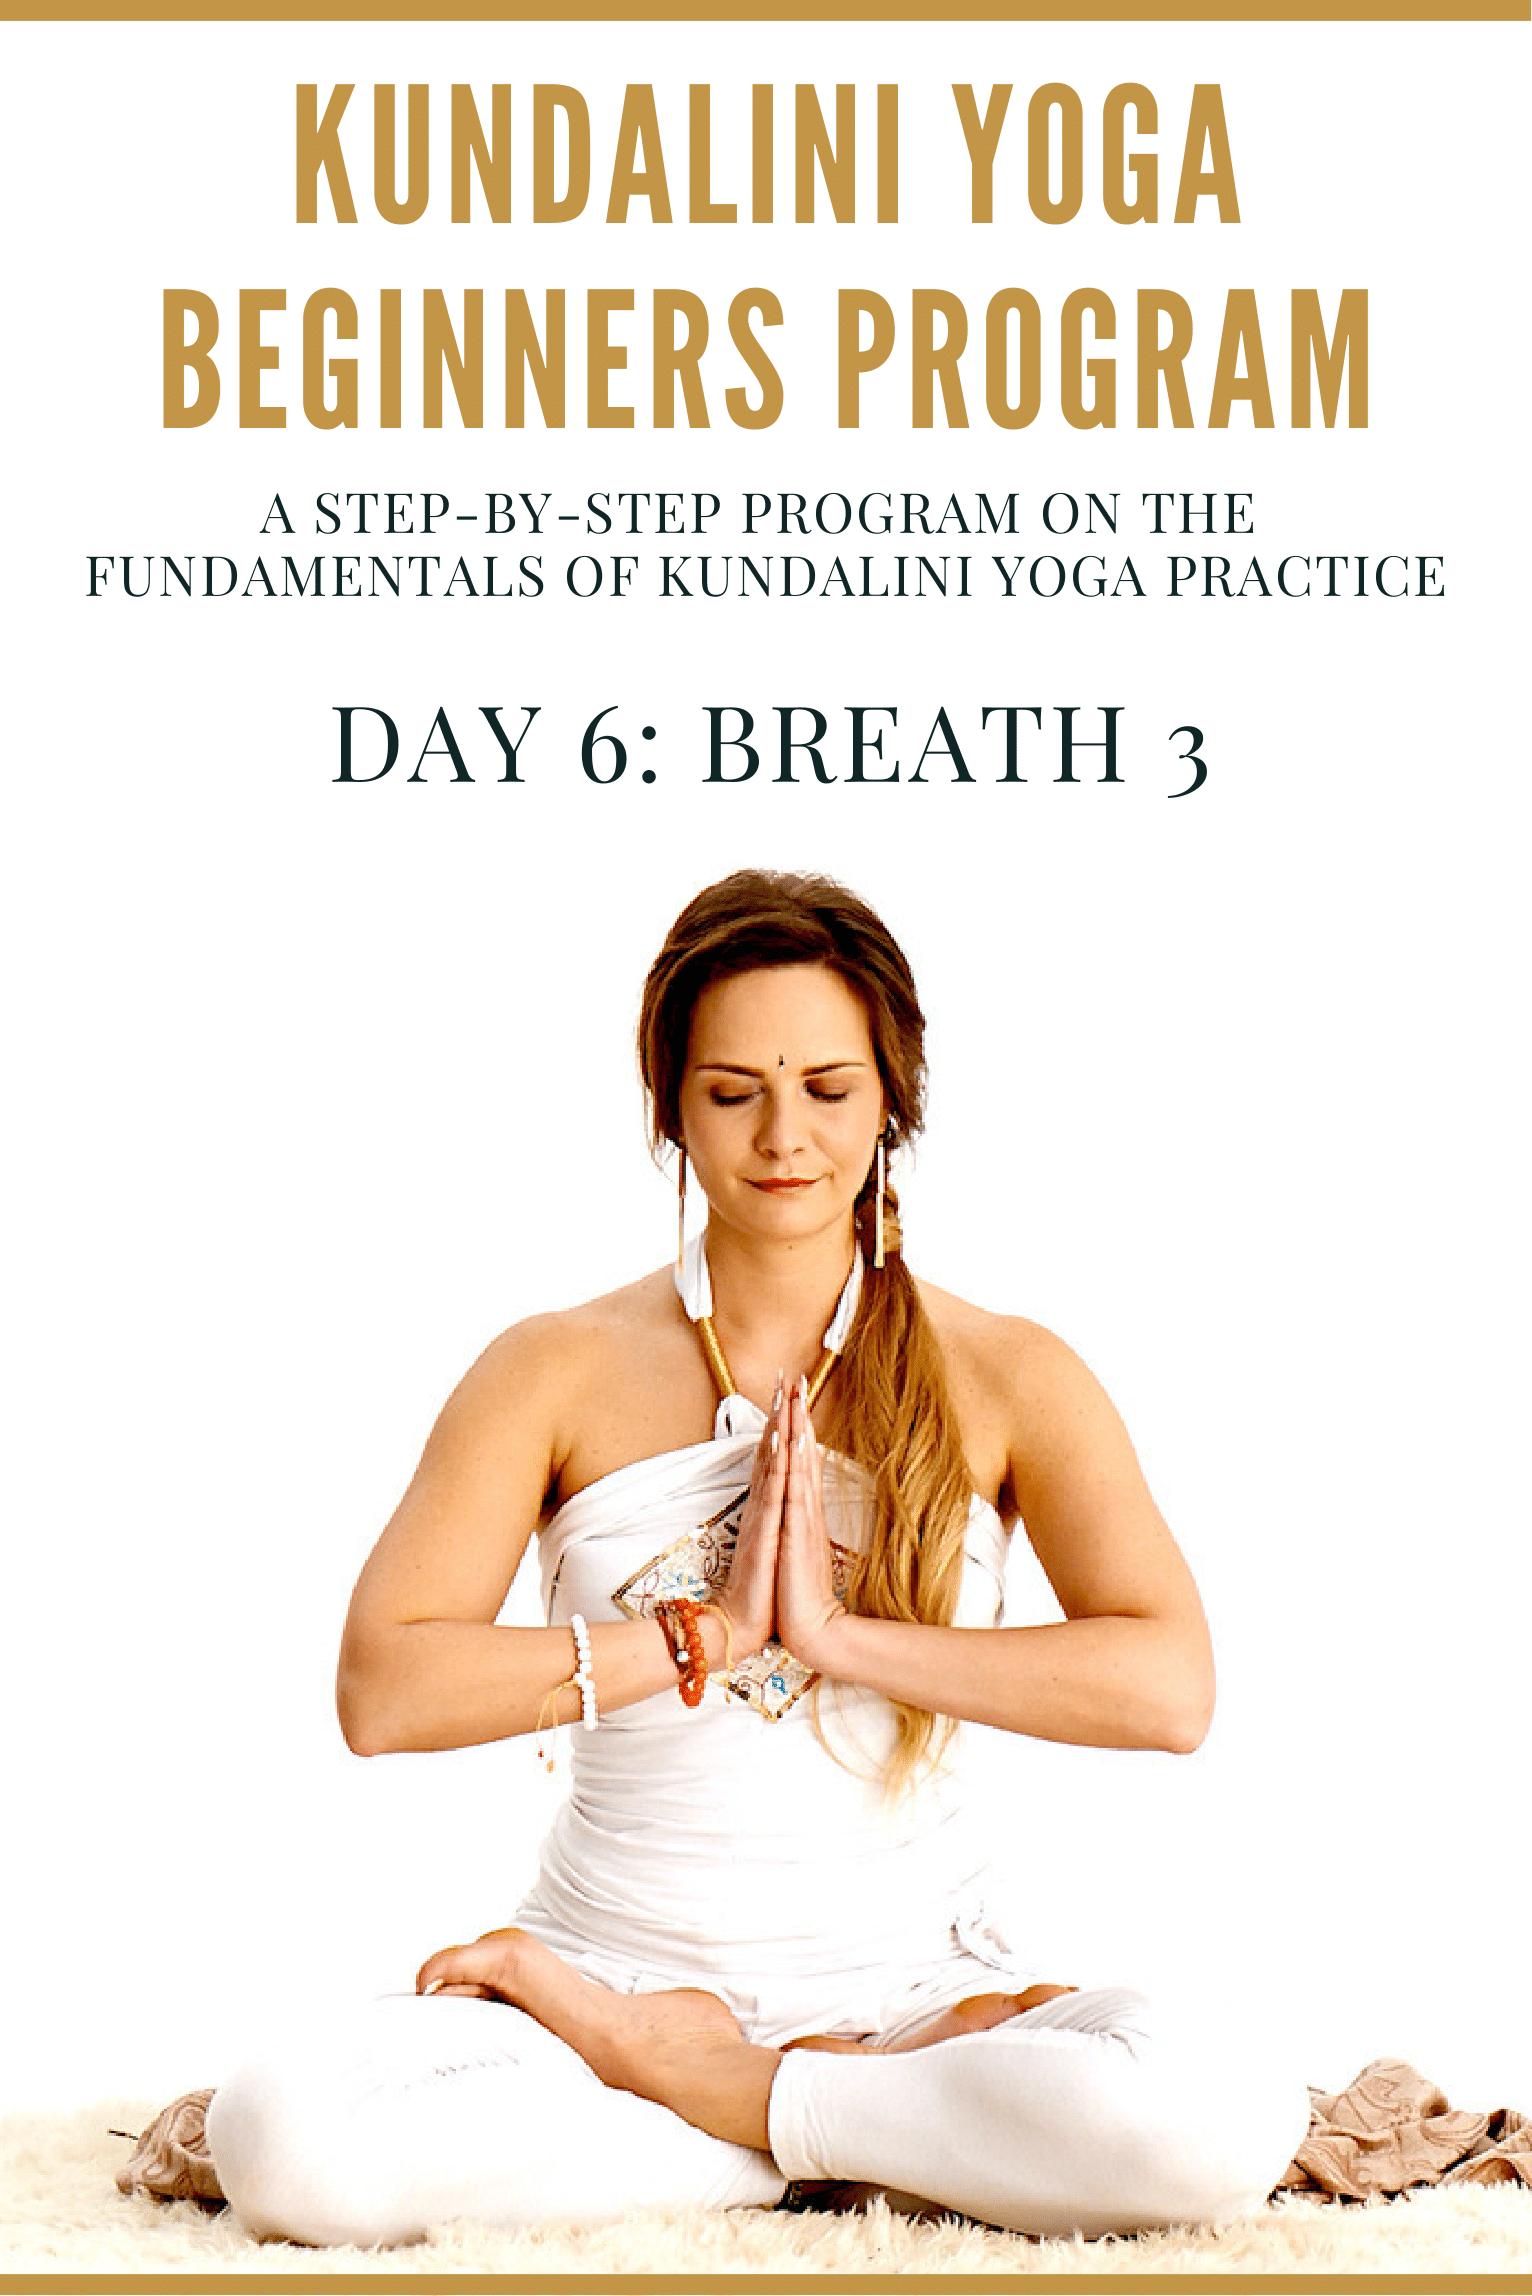 Day 6 Breathing Part 3 The Kundalini Yoga Beginners Program Yoga For Beginners Kundalini Yoga Classes Kundalini Yoga